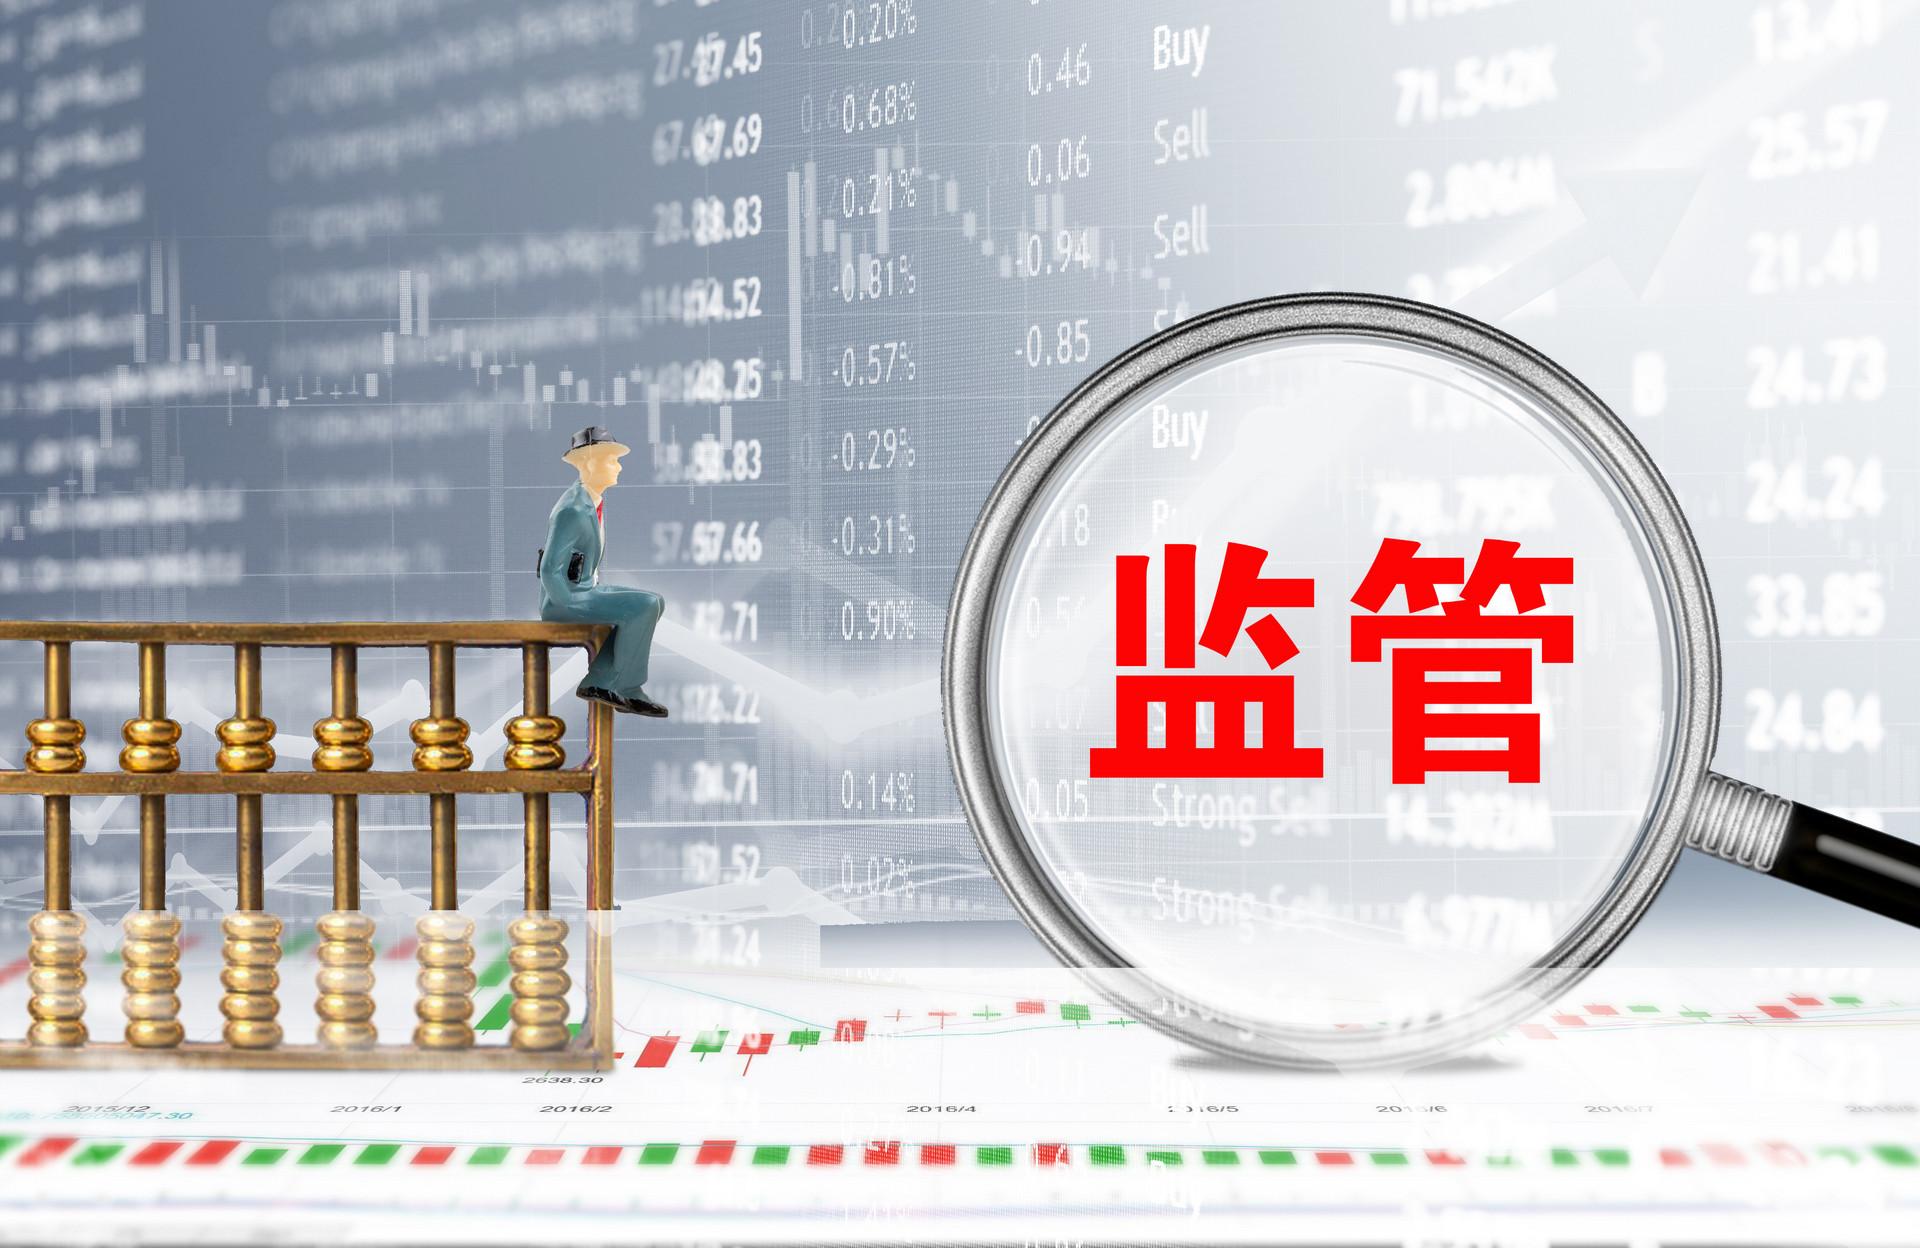 华夏银行一天领8张罚单  资产质量承压趋势不减